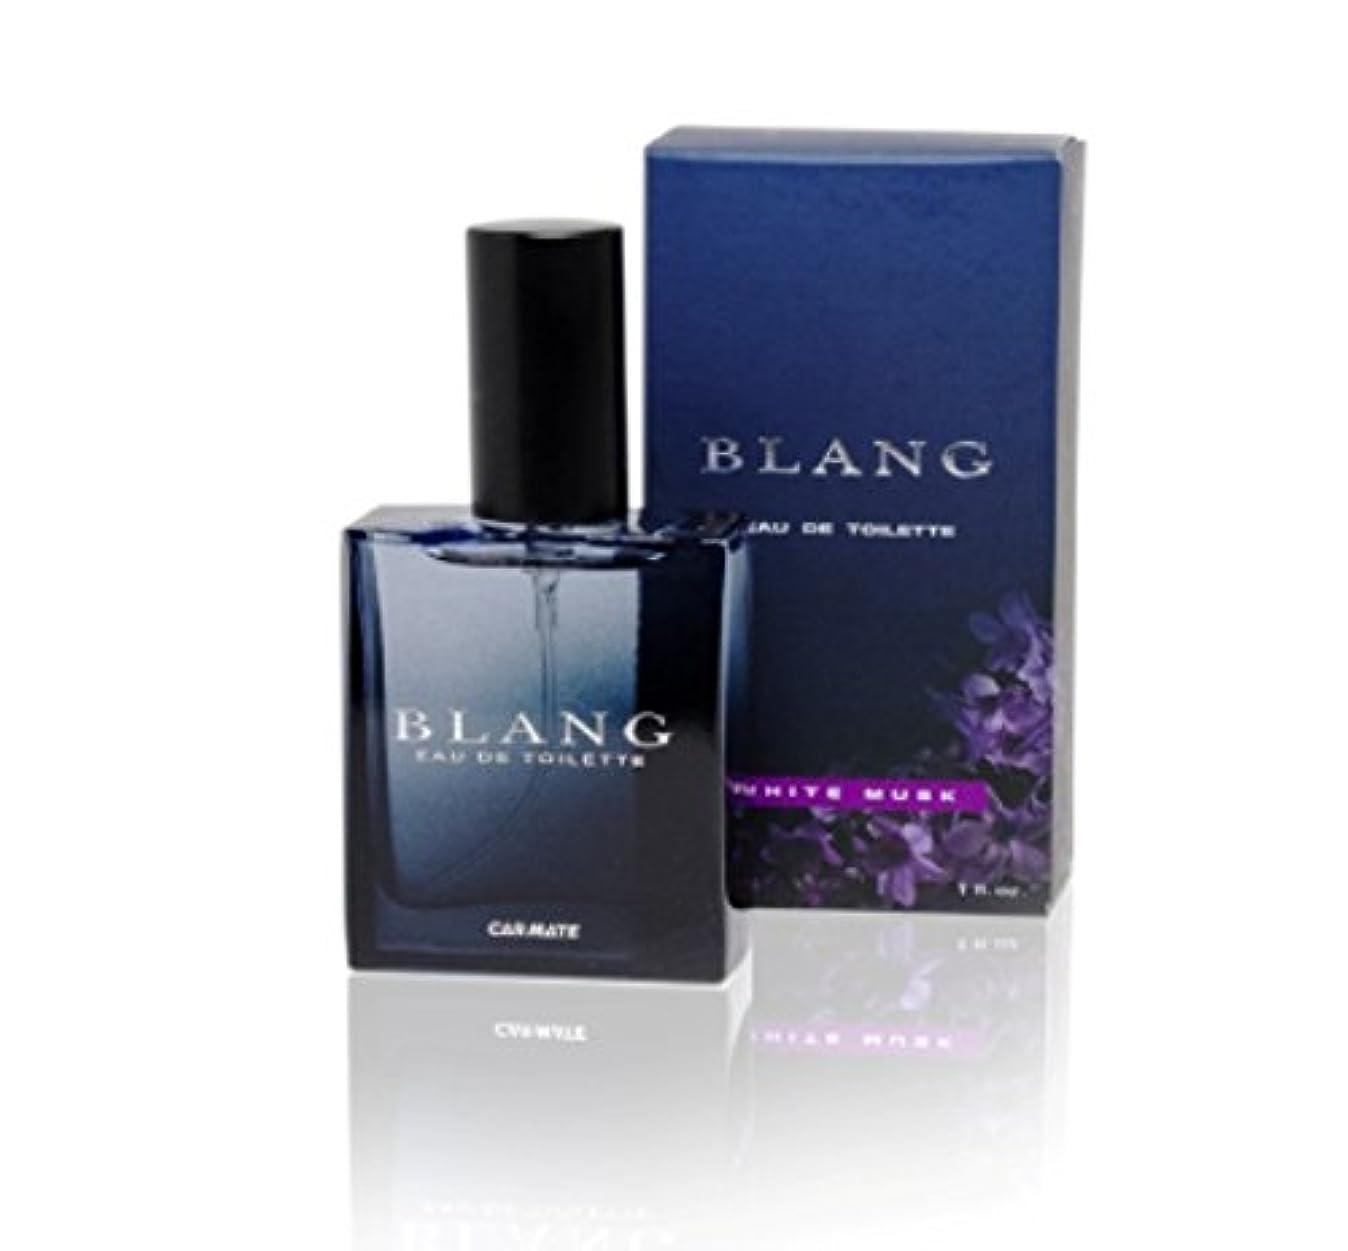 文明化モード価値のないカーメイト 香水 芳香剤 ブラング オードトワレ 置き型 ホワイトムスク 販売ルート限定品 30ml L531